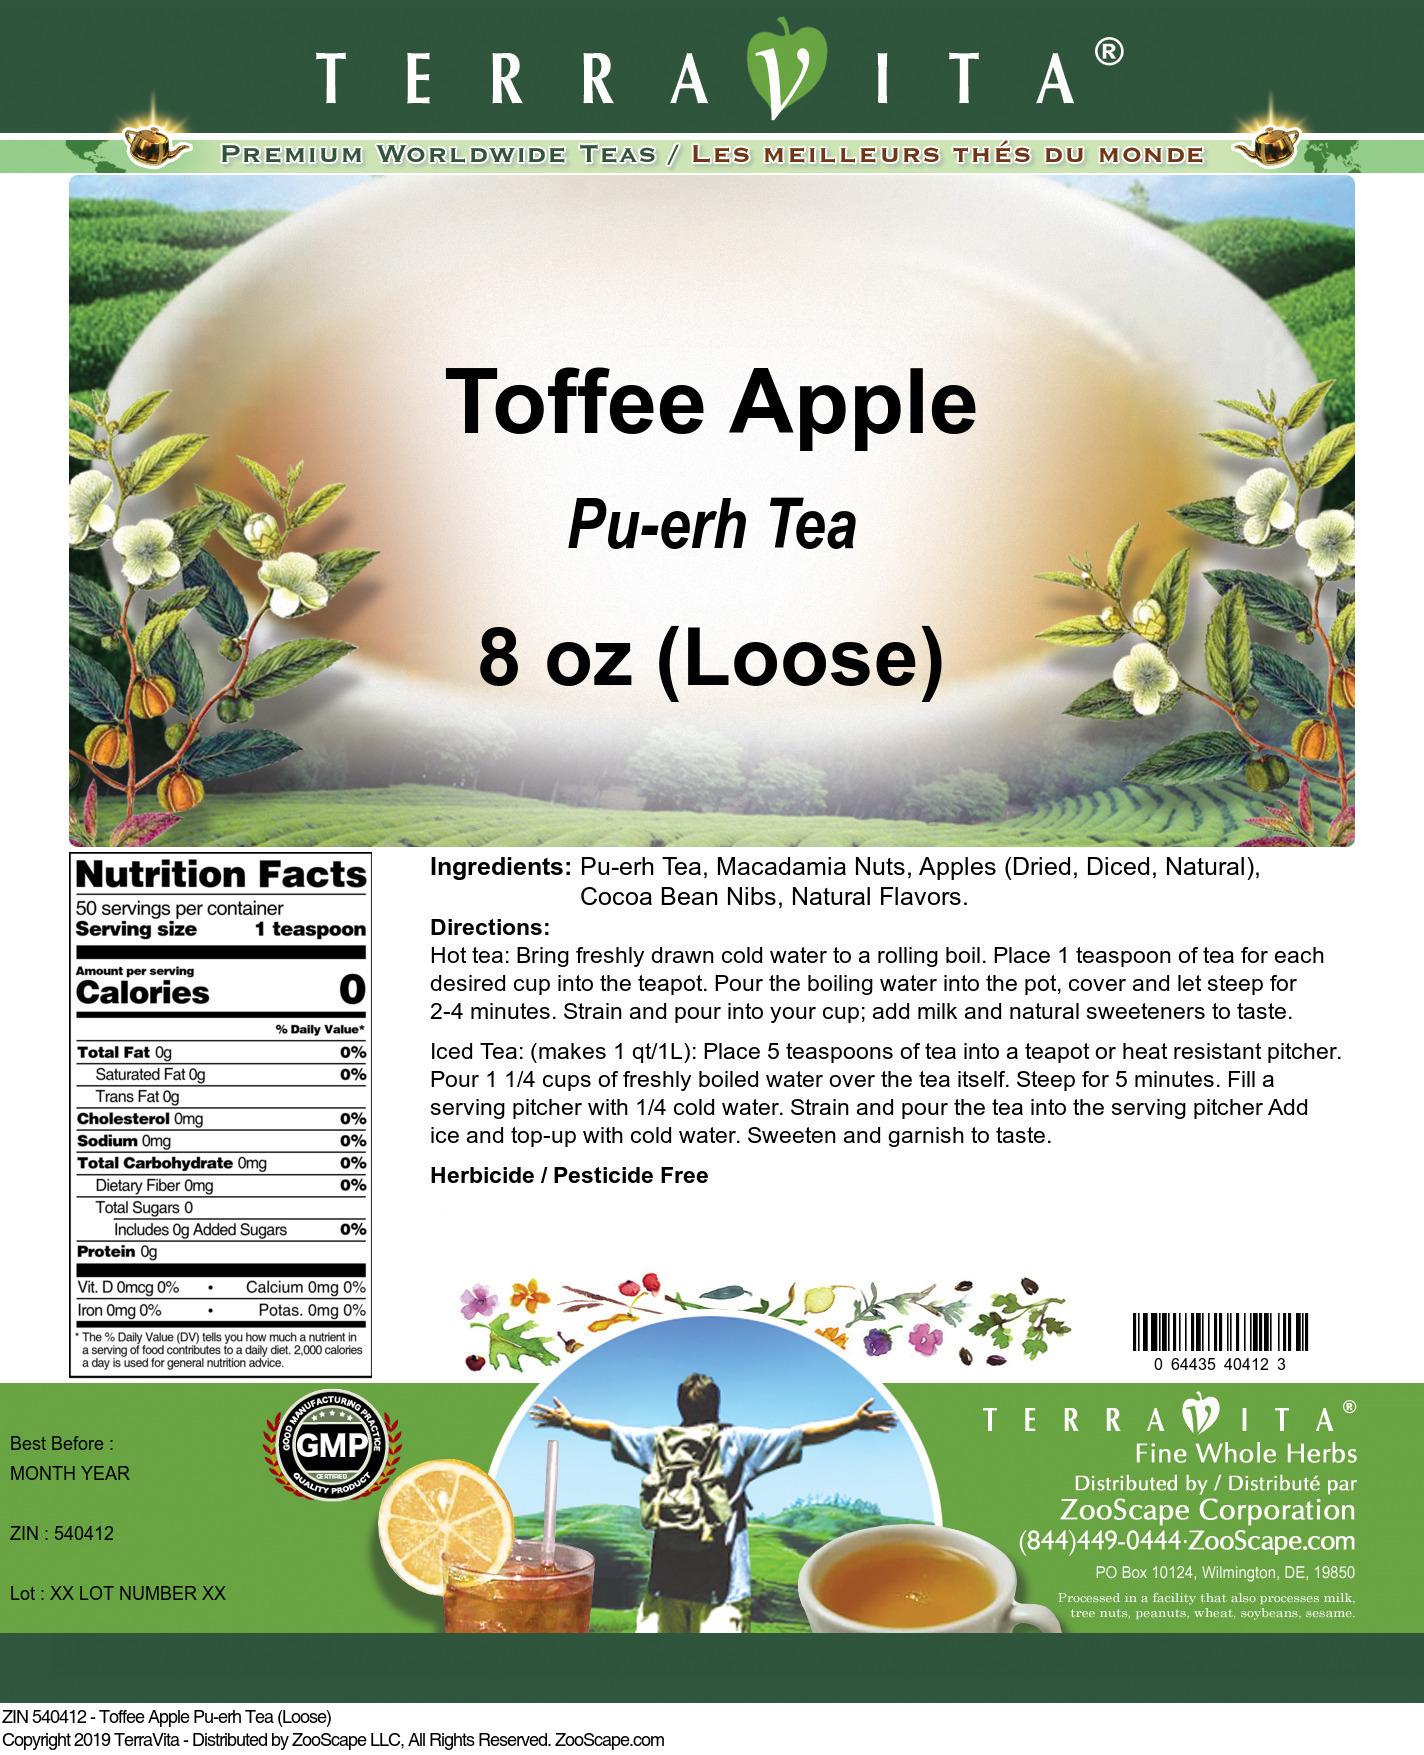 Toffee Apple Pu-erh Tea (Loose)